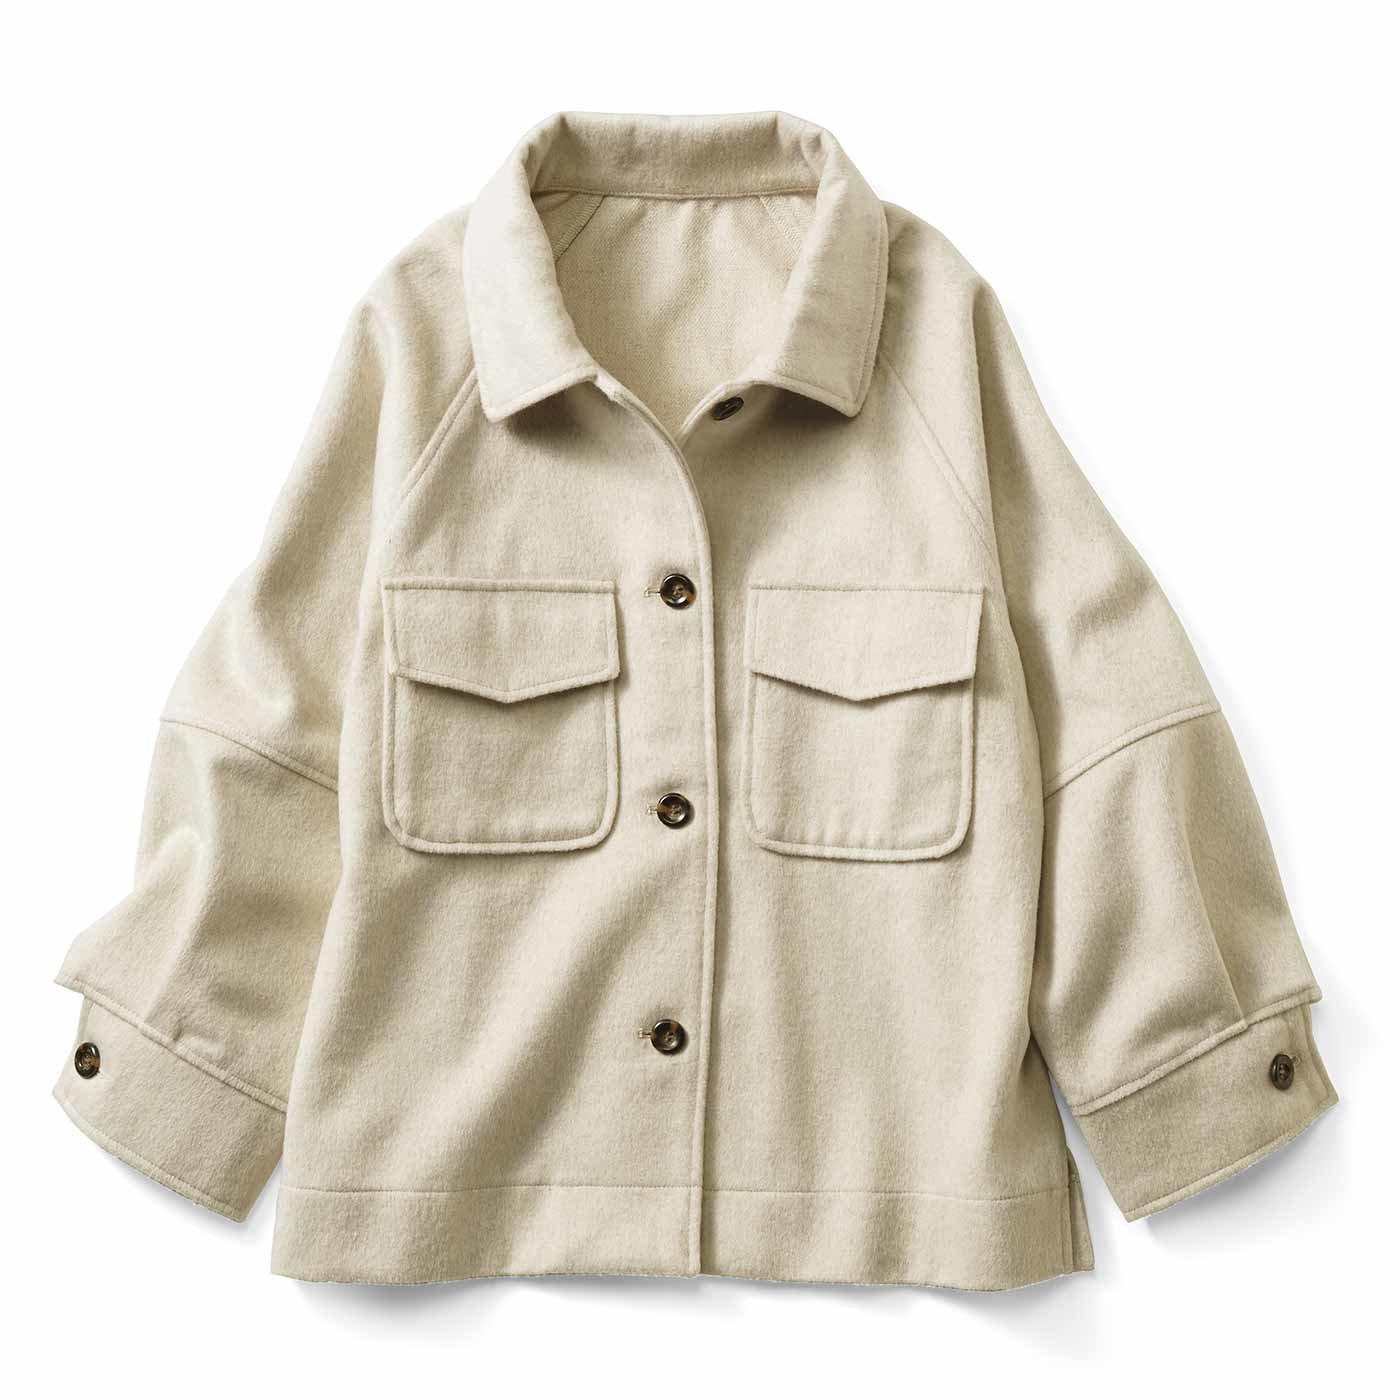 IEDIT[イディット]  小森美穂子さんとコラボ ロングシーズン着られる きれいめこなれジャケット〈エクリュベージュ〉